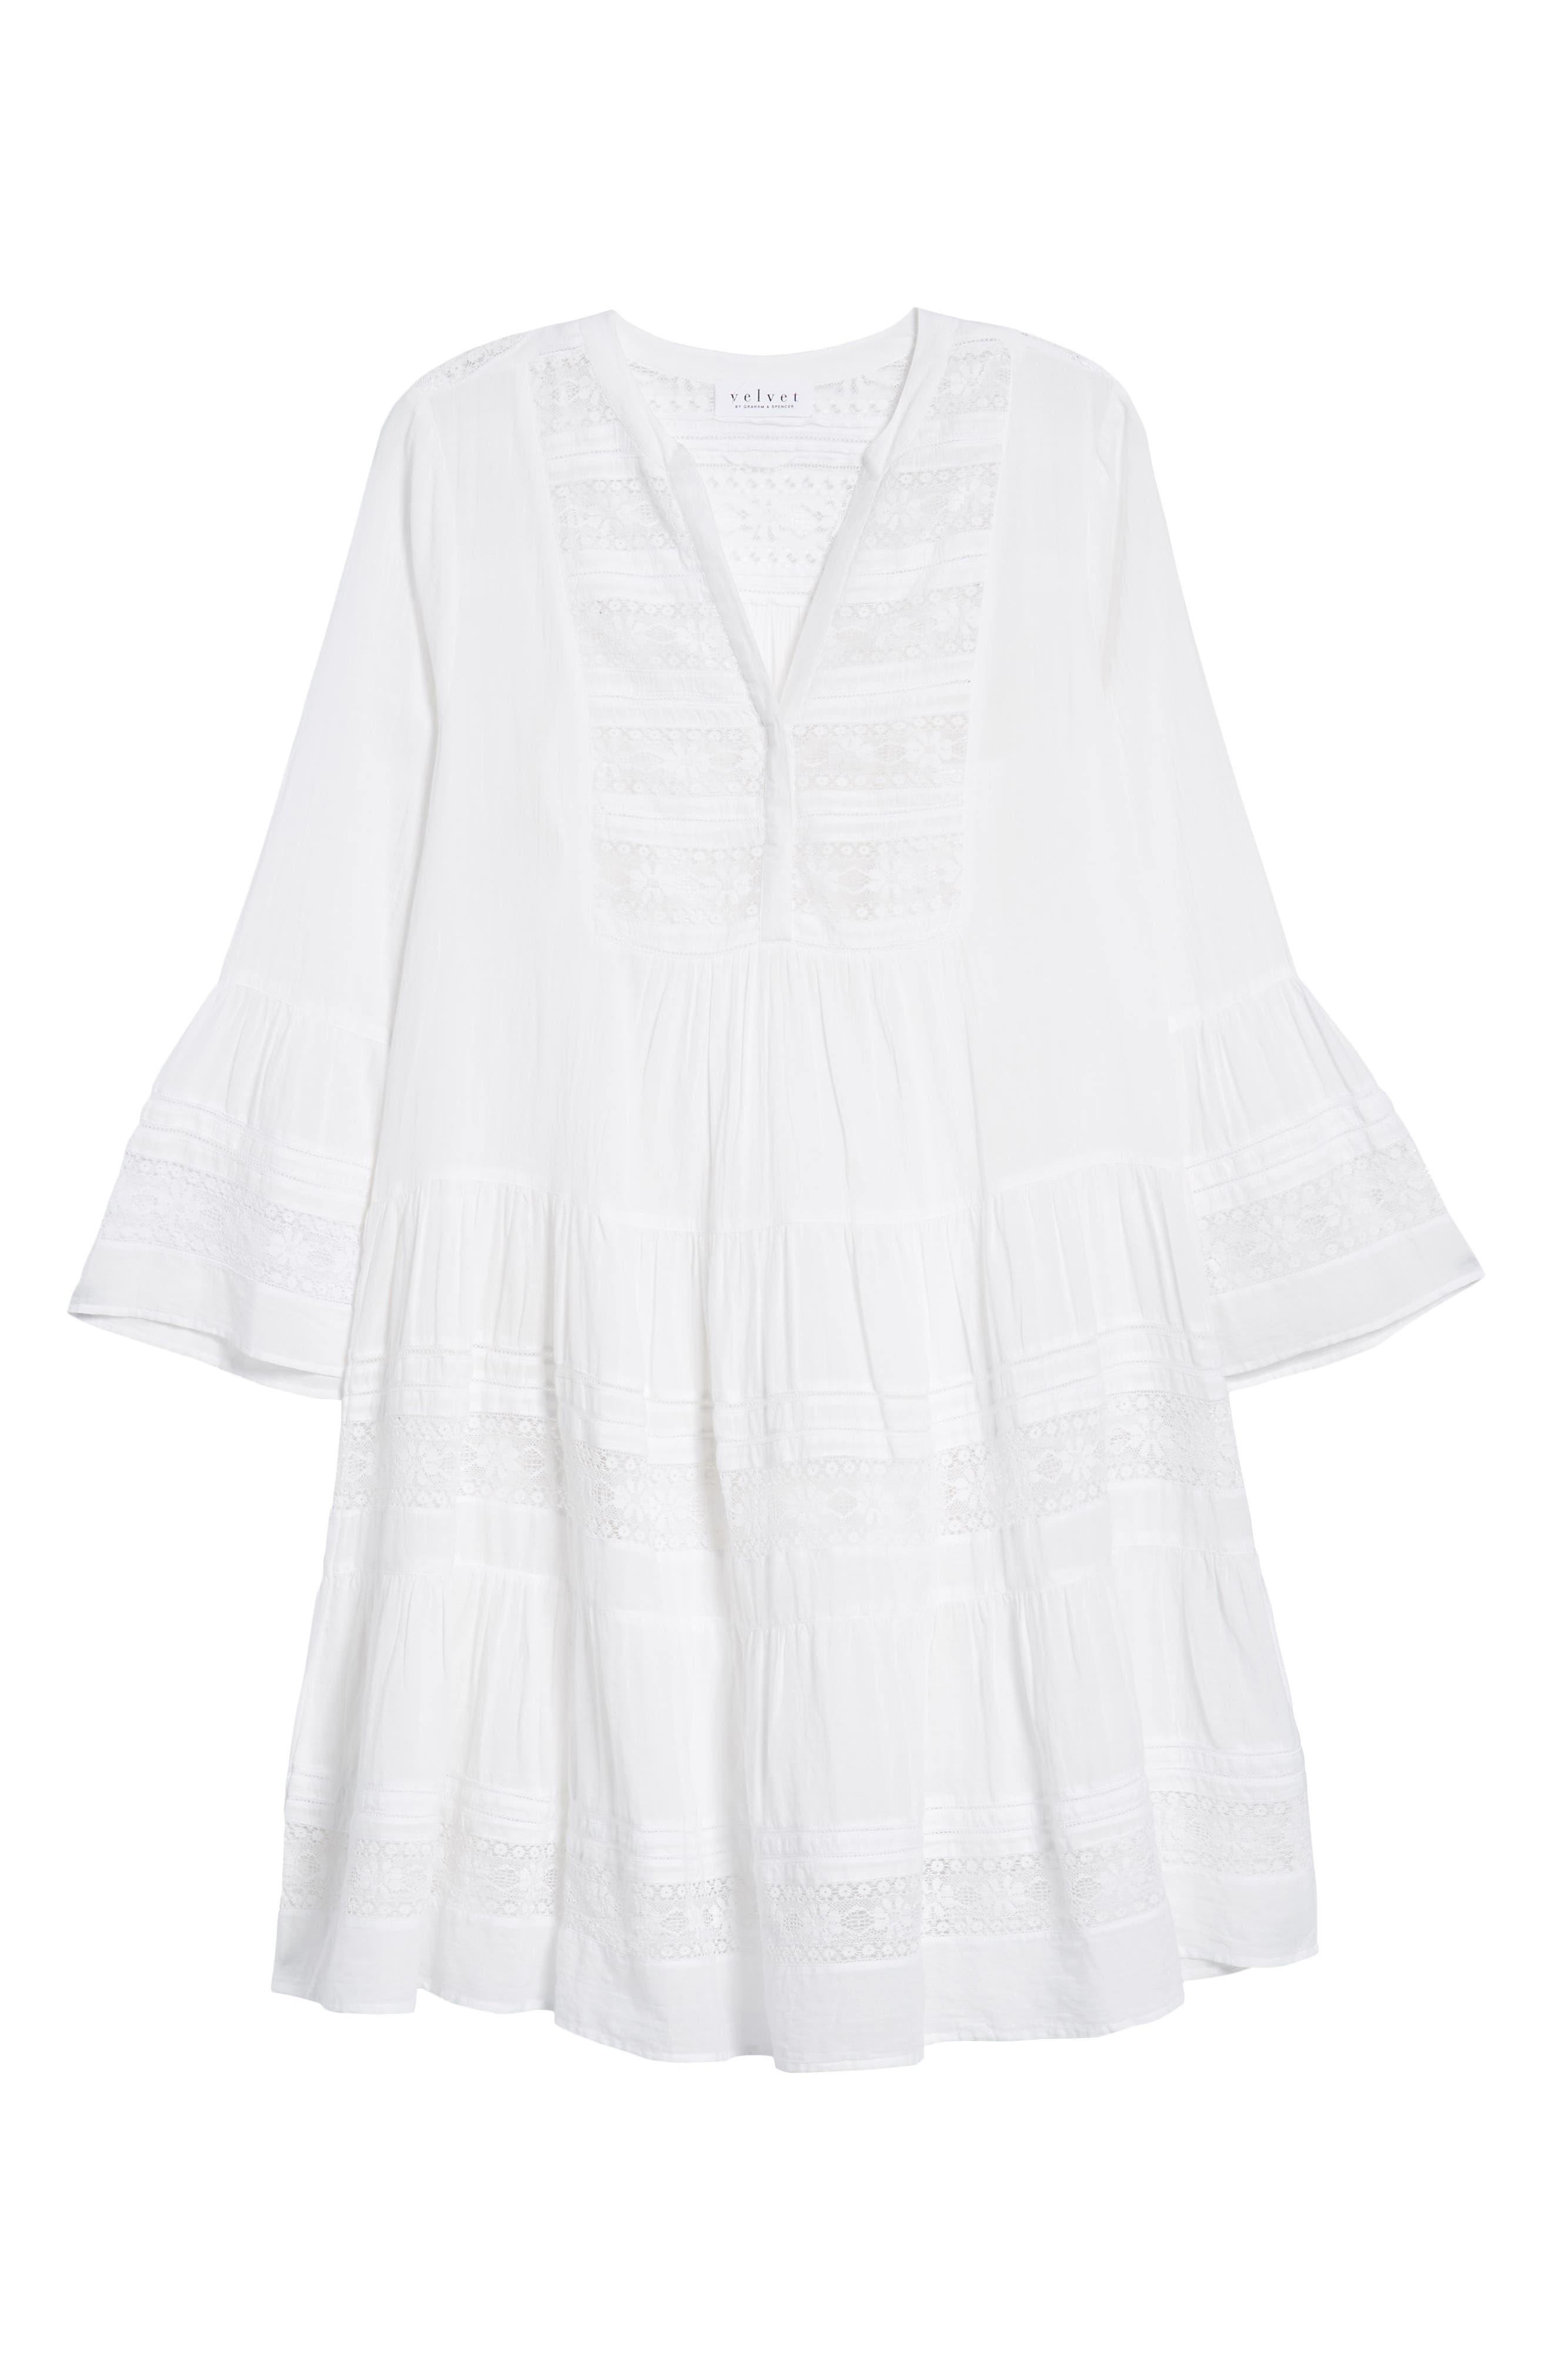 Lace Inset Cotton Gauze Dress,                             Alternate thumbnail 7, color,                             100